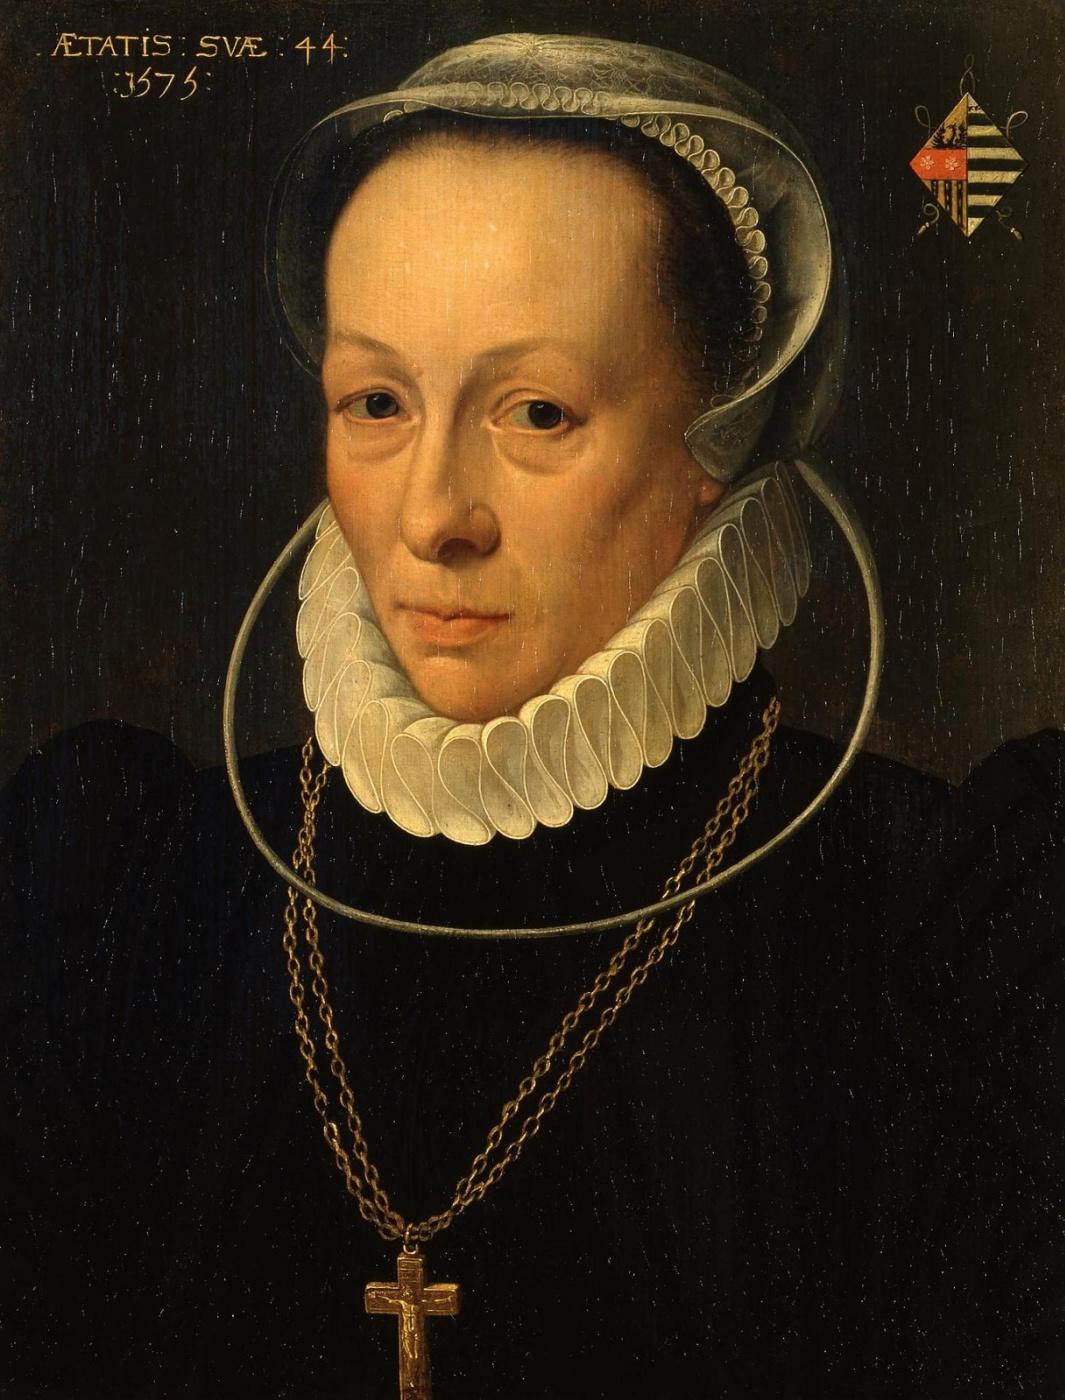 Unknown artist. Female portrait. 1575